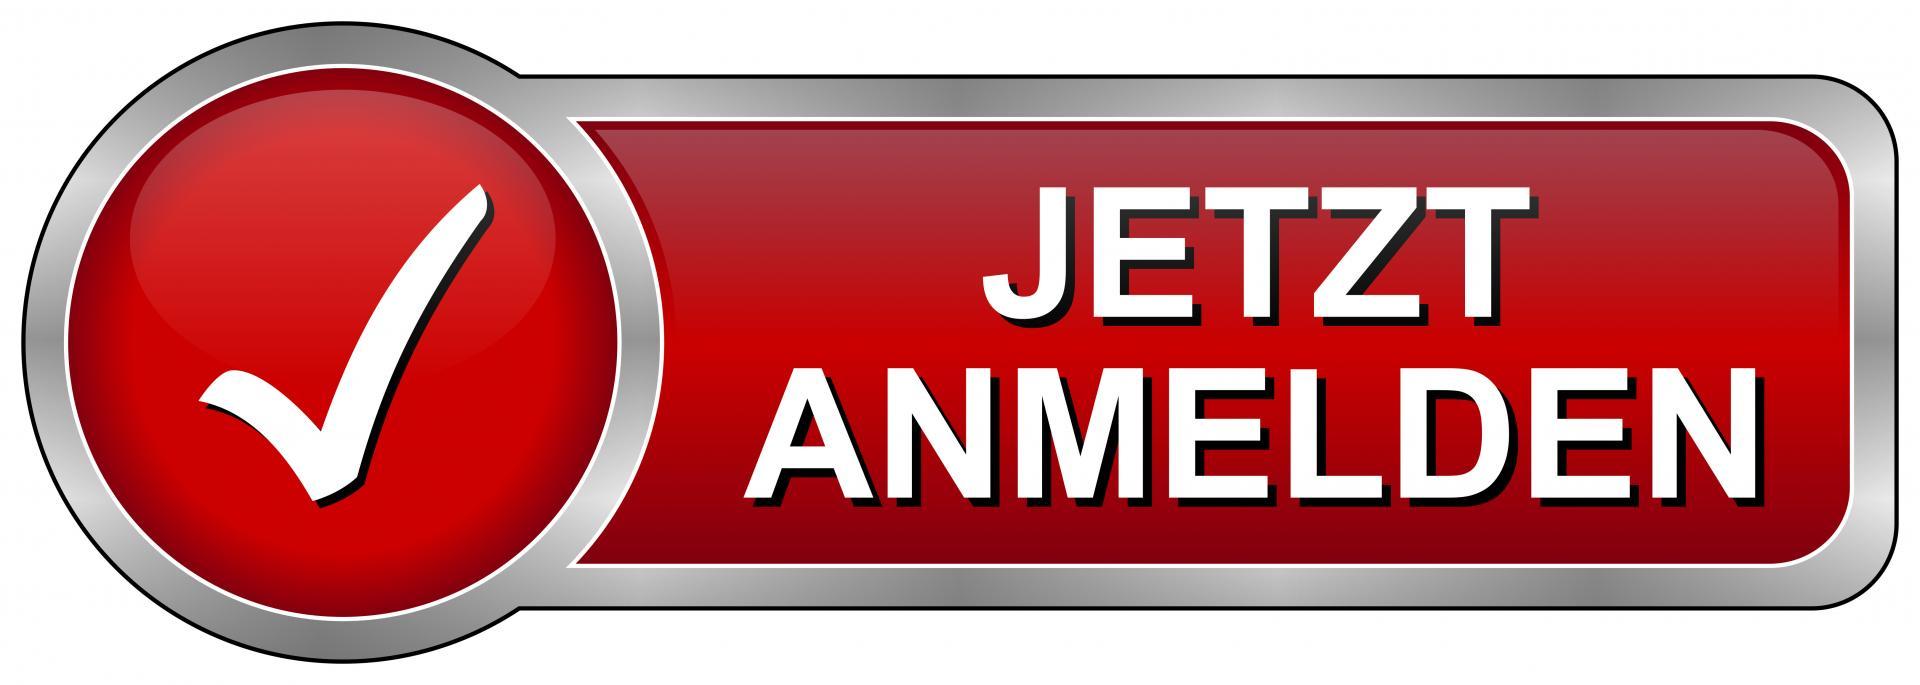 JETZT-ANMELDEN BUTTON